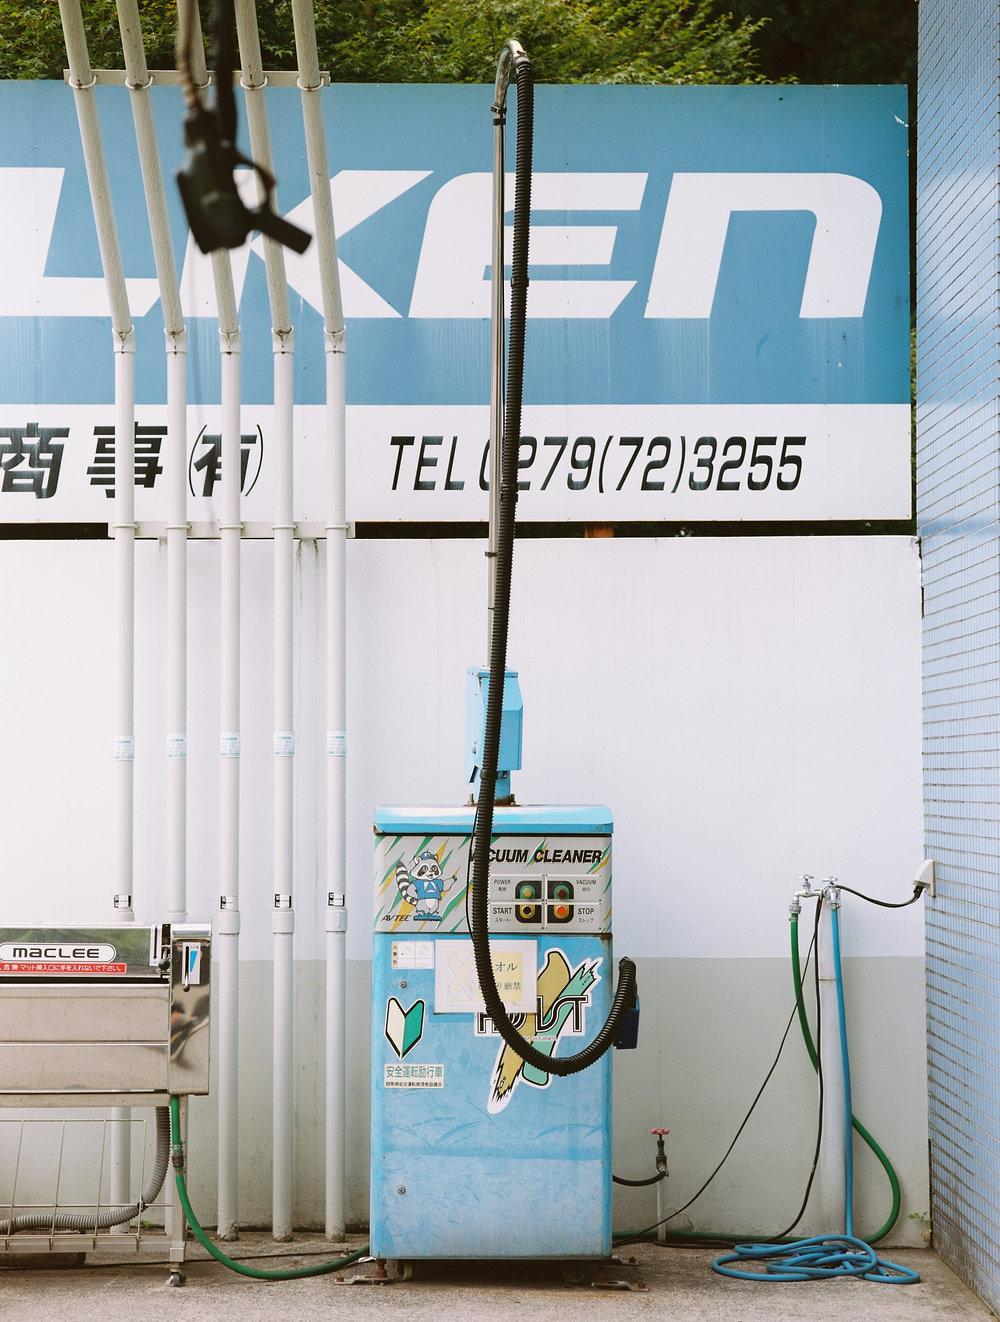 Gunma_Shinagawa_Portra 160_0 10_.jpg